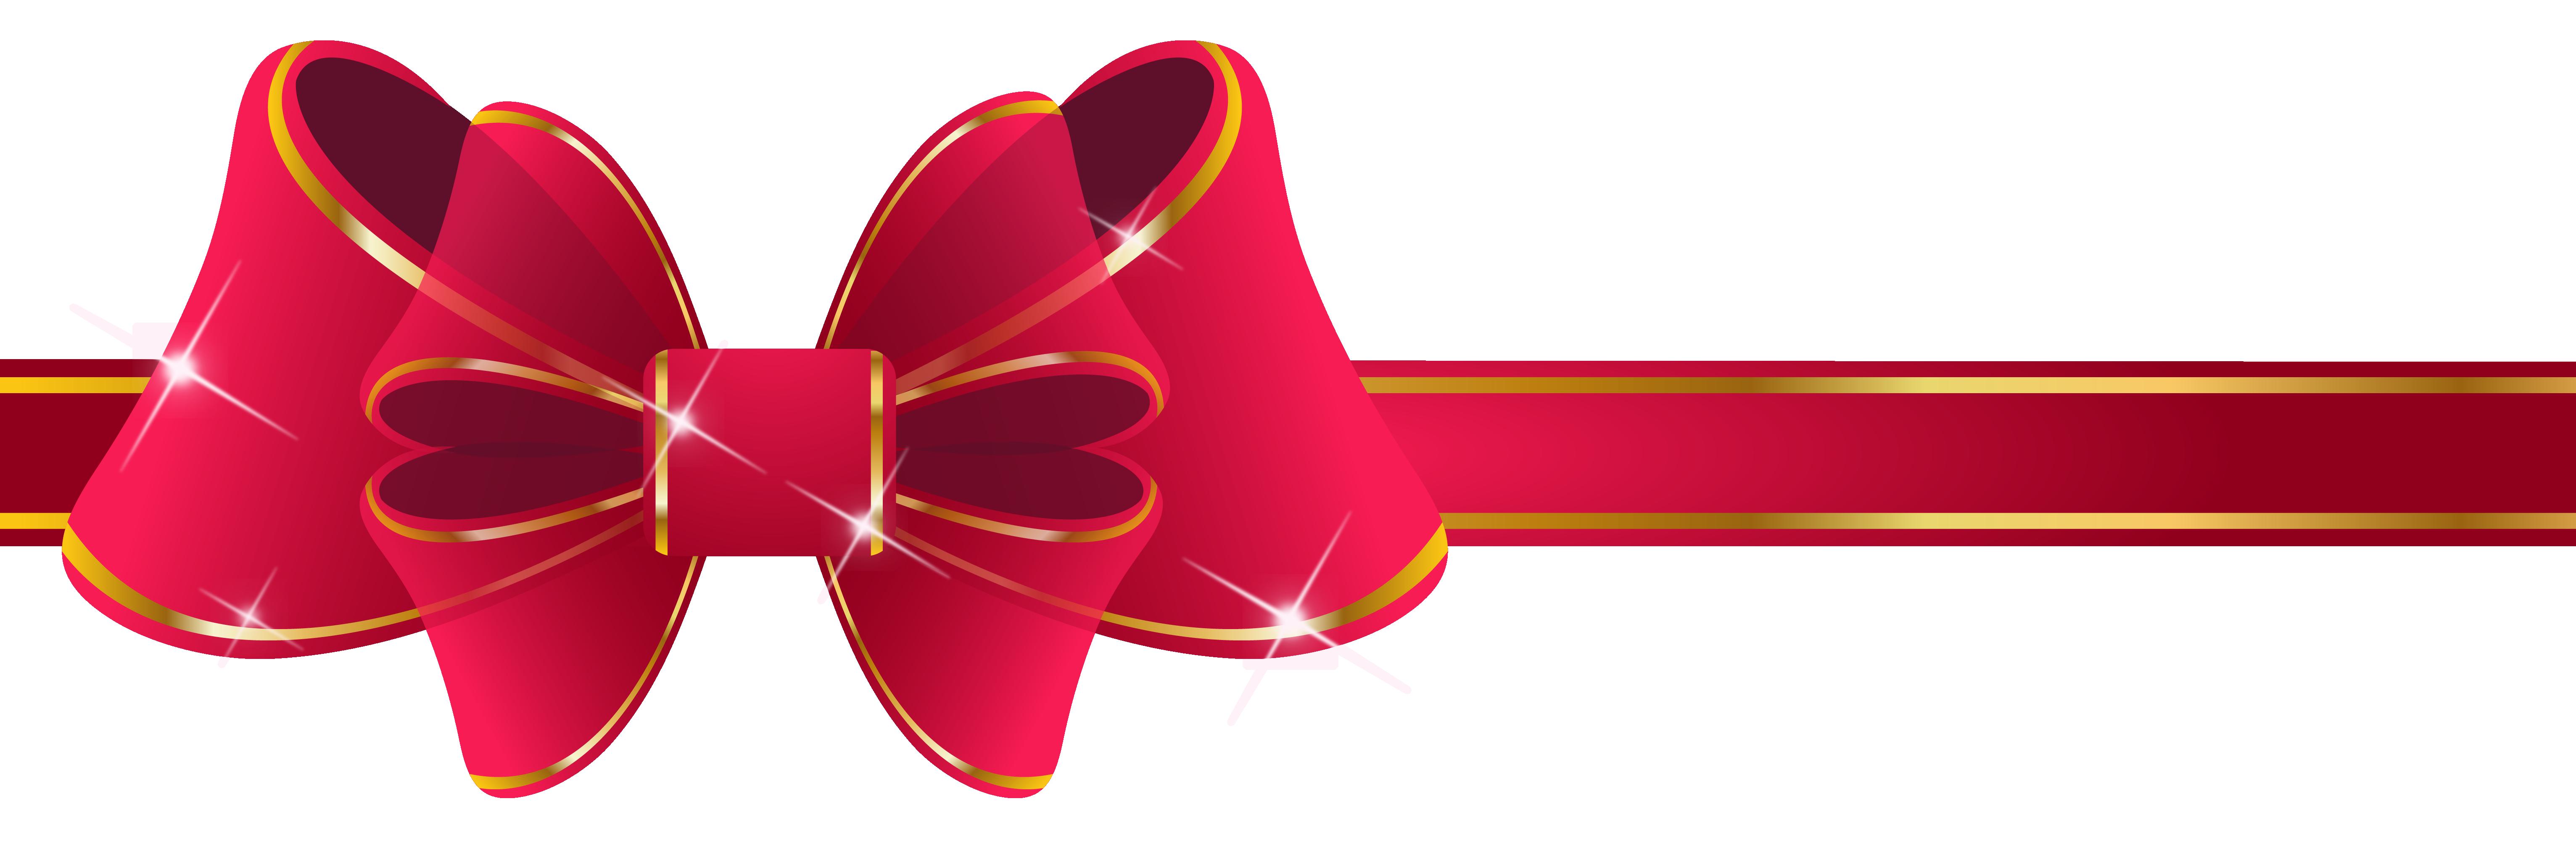 Princess clipart ribbon. Beautiful red png image